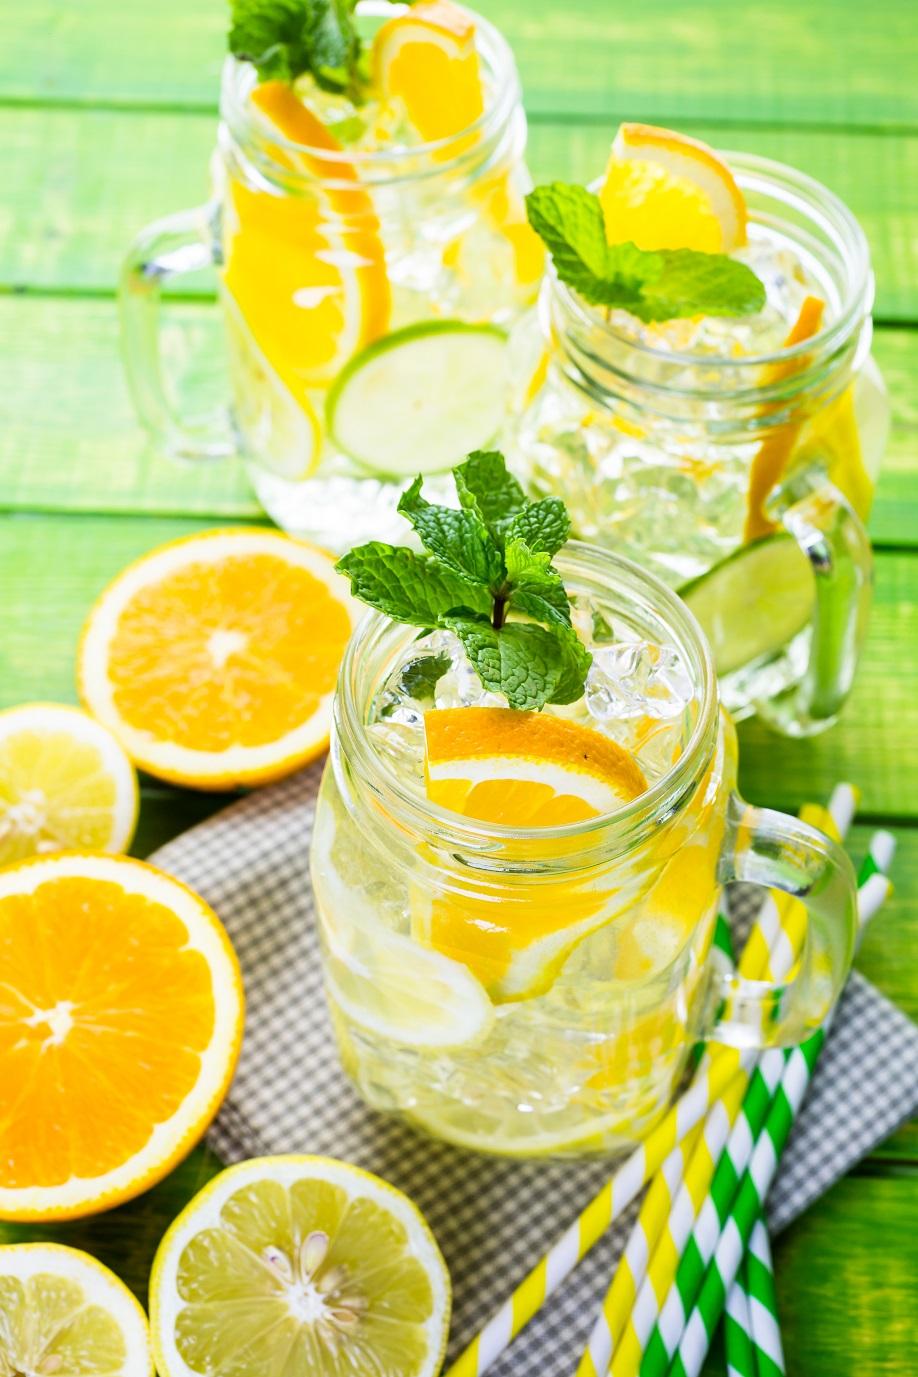 Agua con fruta naranja y limón